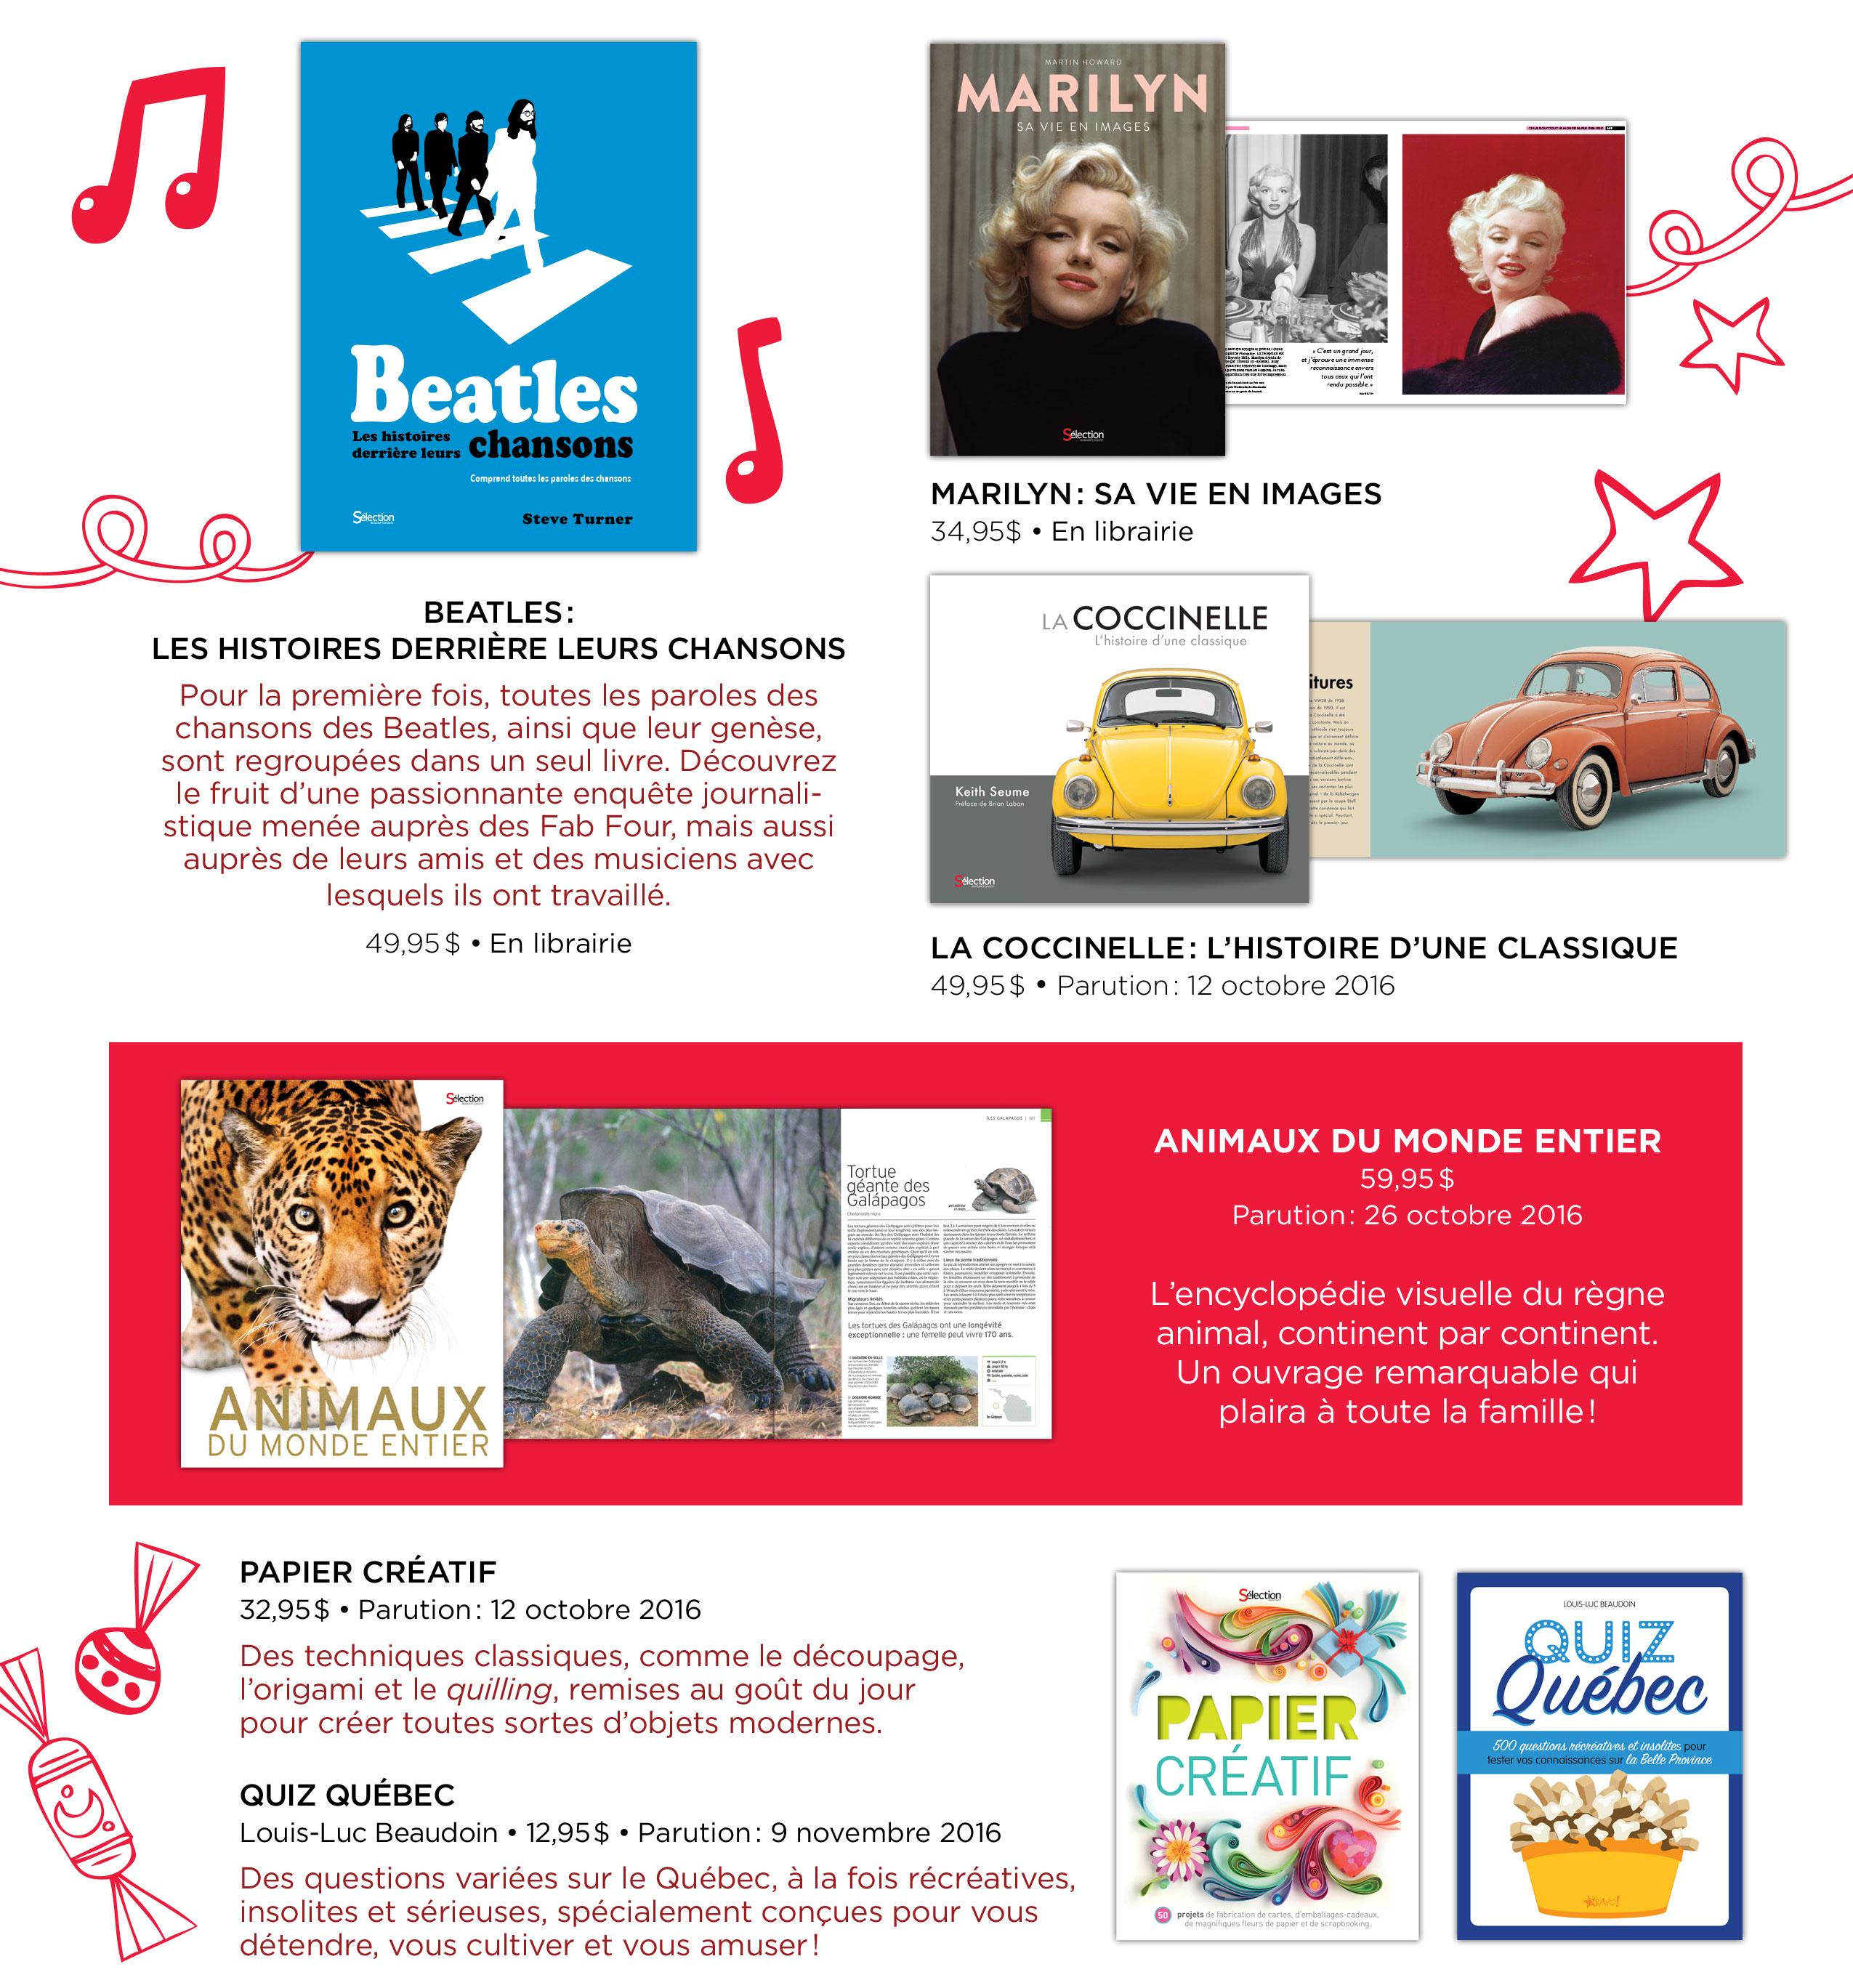 communiquemodus_noel2016_print-2